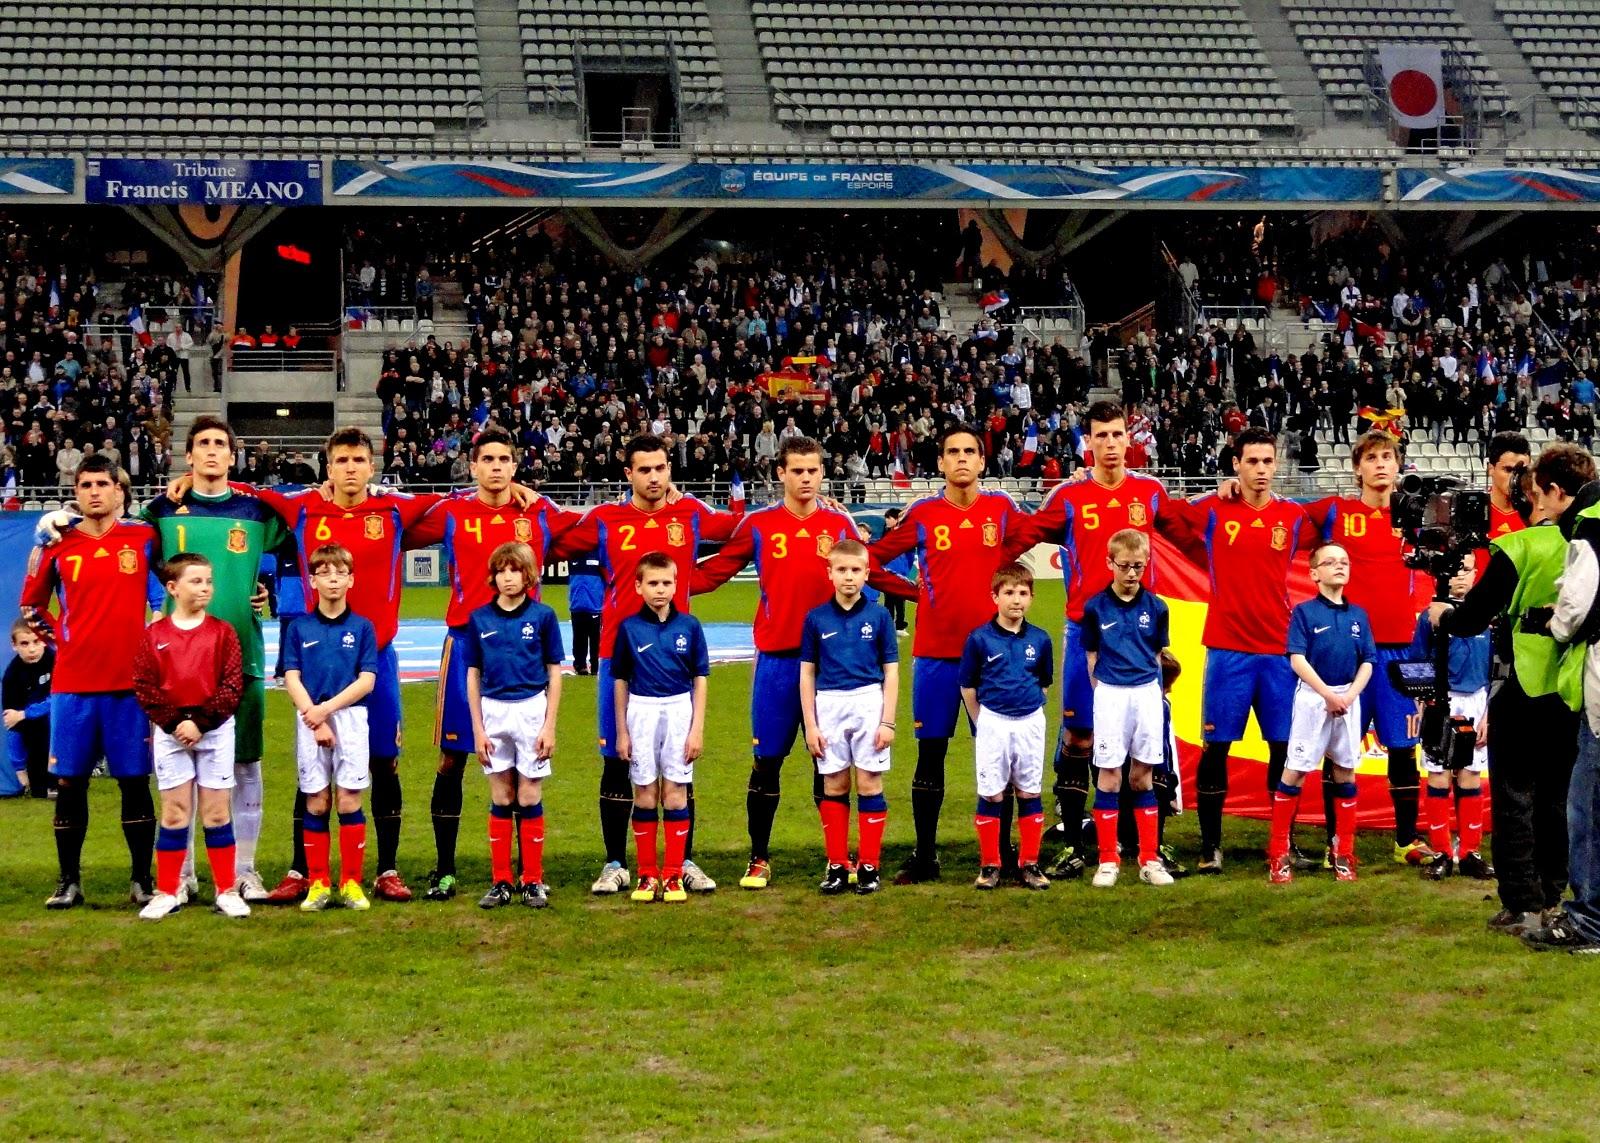 Hilo de la selección de España sub 21 e inferiores Espa%25C3%25B1aSub21%2B2011%2B03%2B24b